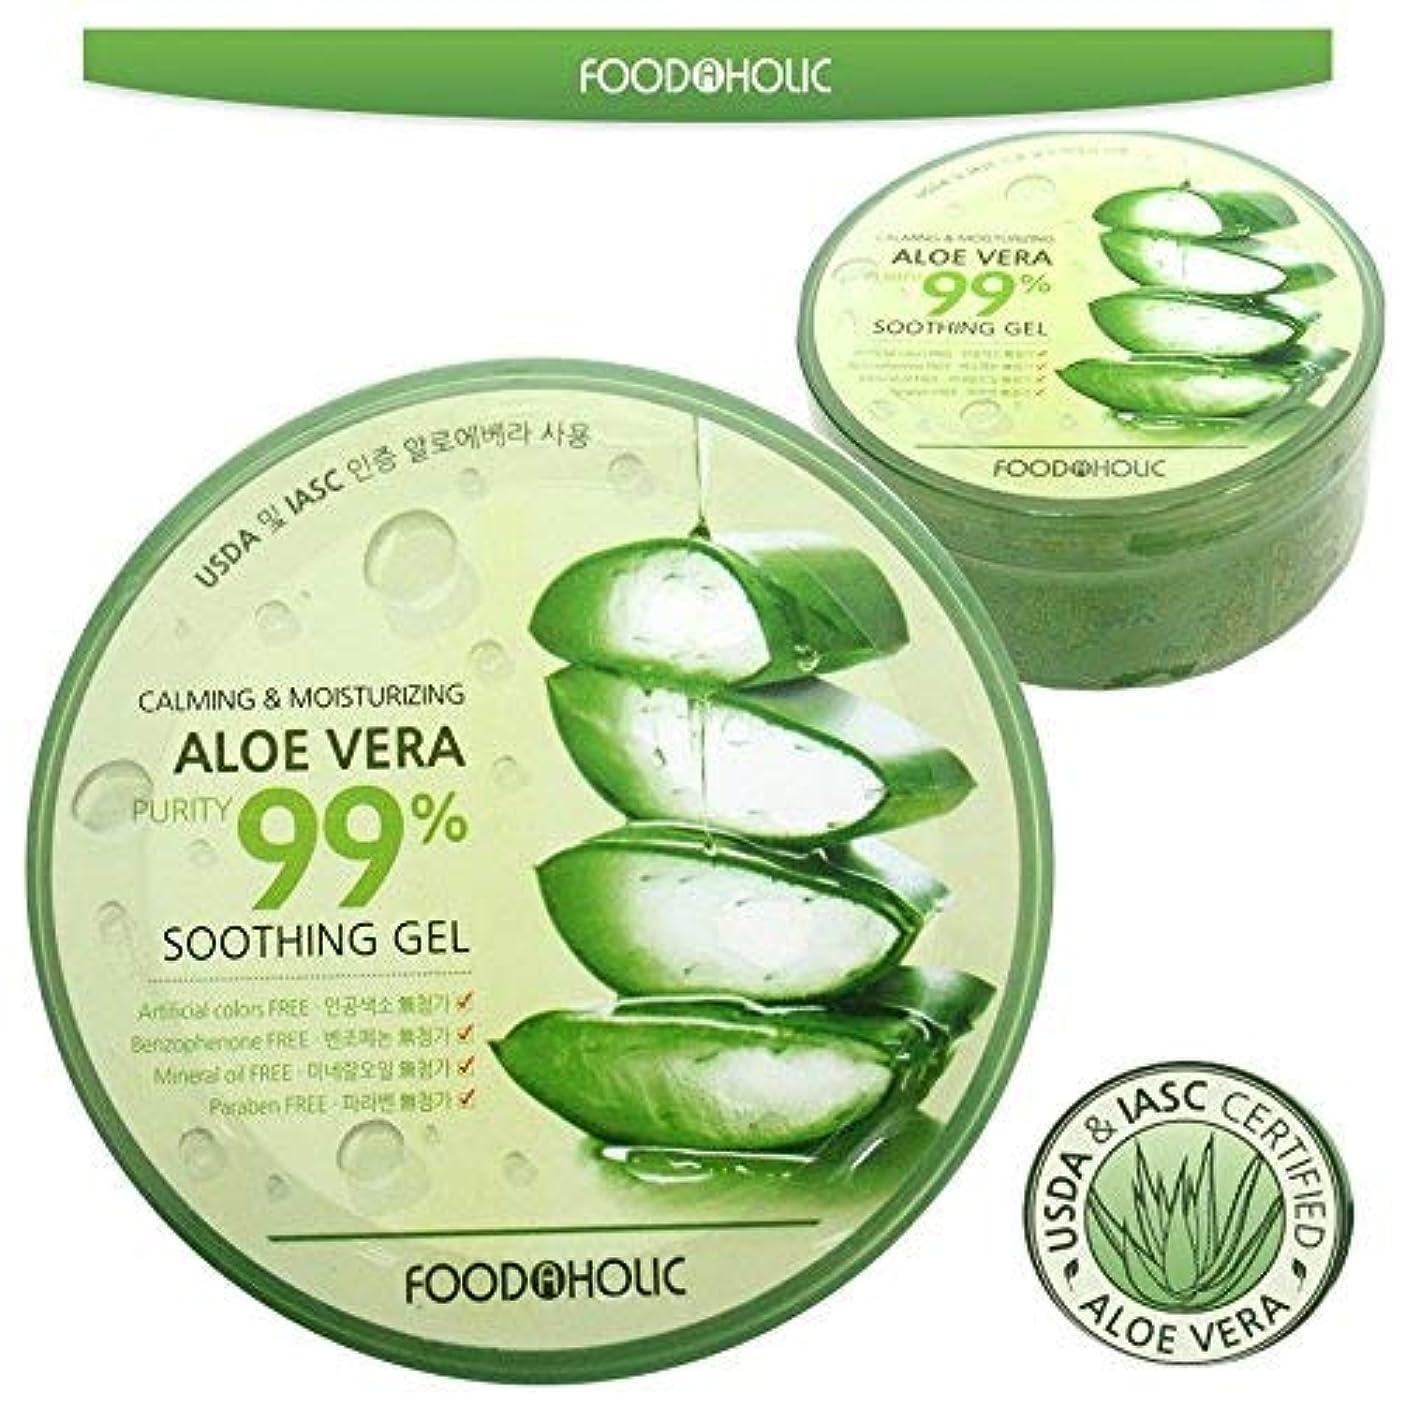 重荷漂流湿度[FOOD A HOLIC] 穏やかな&保湿アロエベラ純度は99%スージングジェル(300ml * 1EA) / Calming & Moisturizing Aloe Vera Purity 99% Soothing...